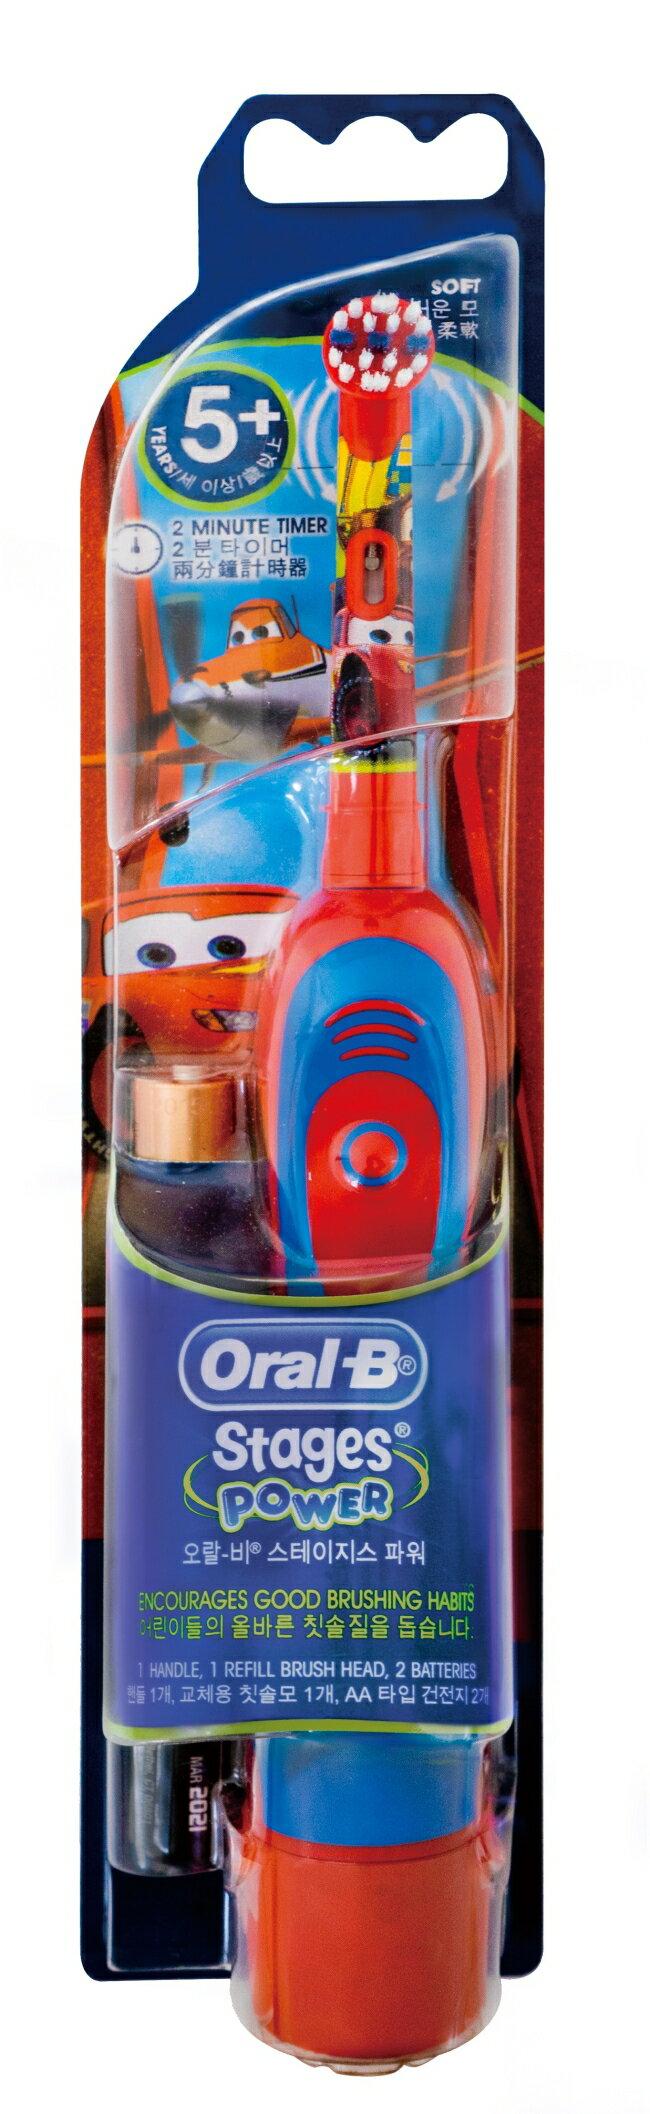 歐樂B D2兒童電池式電動牙刷(兩款隨機出貨) - 限時優惠好康折扣